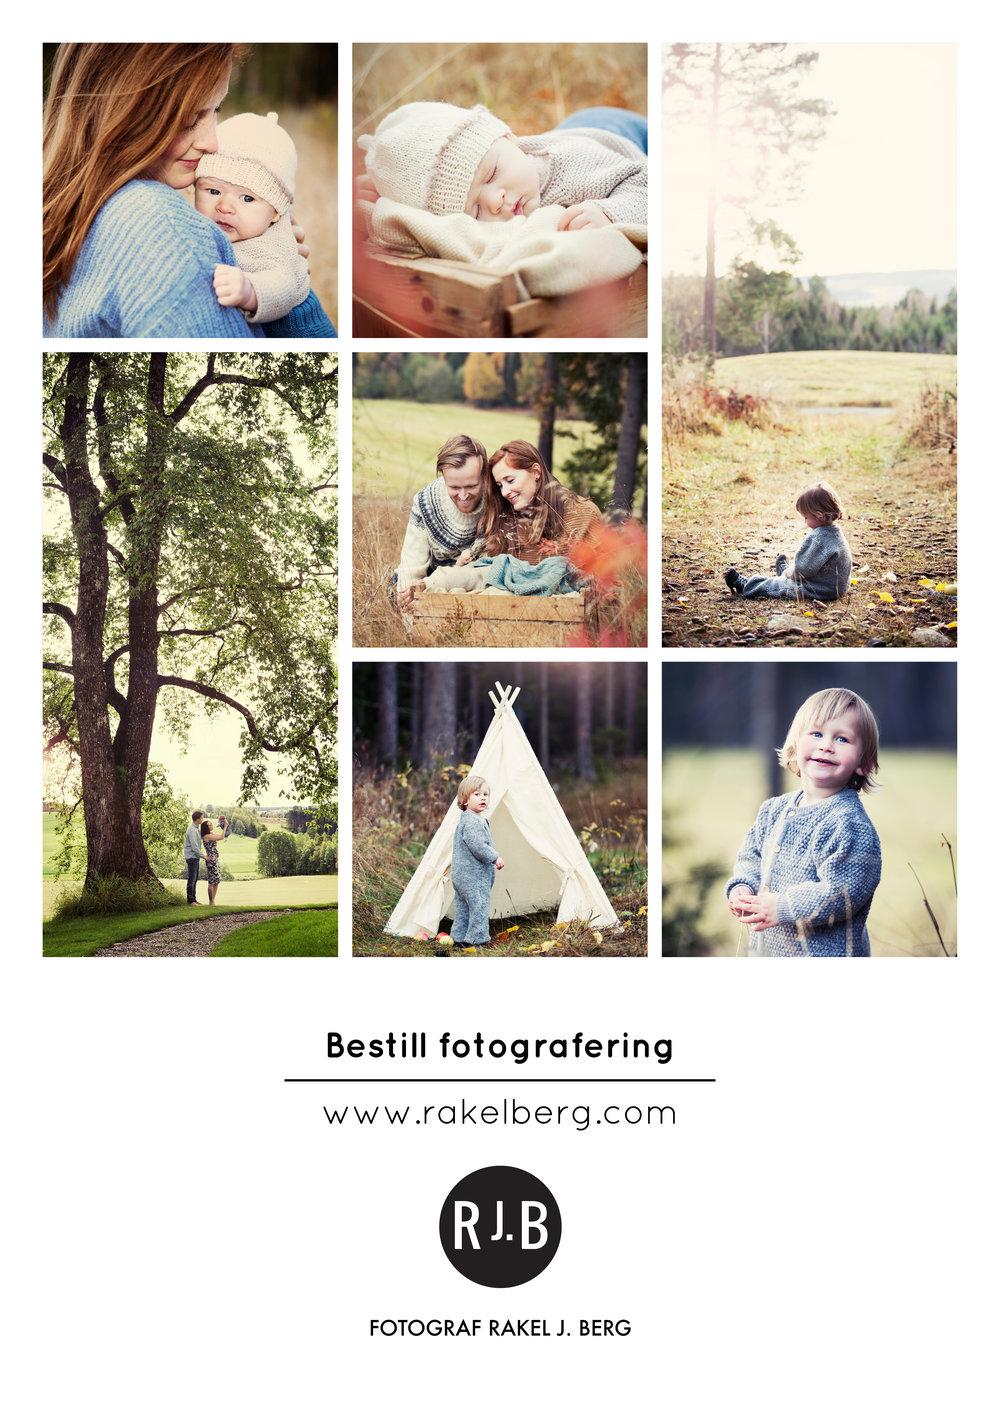 """Fotografering i studio, på lokasjon eller hjemme hos dere selv: 1.500,- Dette gjelder familie, søsken, barn, konfirmant eller for deg som ønsker portretter. Jeg setter av ca. 1 time til fotografering. 1 bilde i høy kvalitet er inkludert.    Digitale filer:  Bildet/bildene leveres digitalt i høy oppløsning, uten logo og kan printes selv. Ved publisering skal """"Foto: Rakel J. Berg"""" benyttes. Disse er behandlet på lys, farge og retusj etter ønske. Ønsker du forstørrelser, album eller takkekort så er dette mulig å bestille.    1 digital fil 800,-  5 digitale filer 3.000,-  10 digitale filer 5.000,-  20 digitale filer 7.000,-  40 digitale filer 8.000,-  Alle digitale filer 10.000,-"""